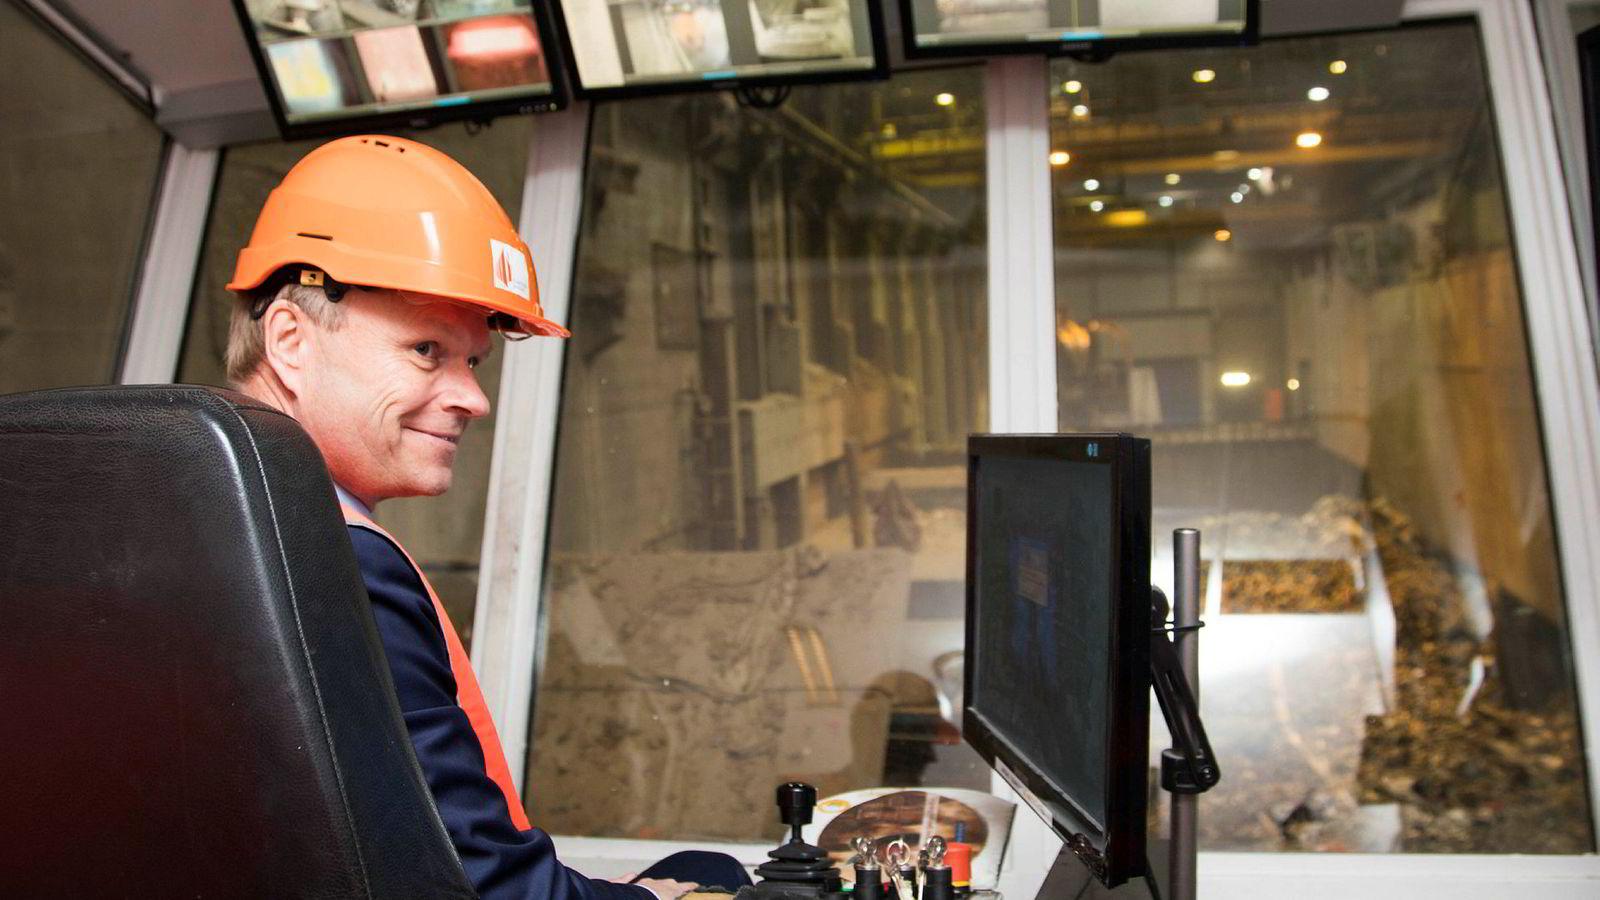 Fortum-konsernet eier 50 prosent av Klemetsrud avfallsanlegg i Oslo. Konsernsjef Pekka Lundmark vil gjerne starte CO2-fangst og lagring – dersom han får statsstøtte.